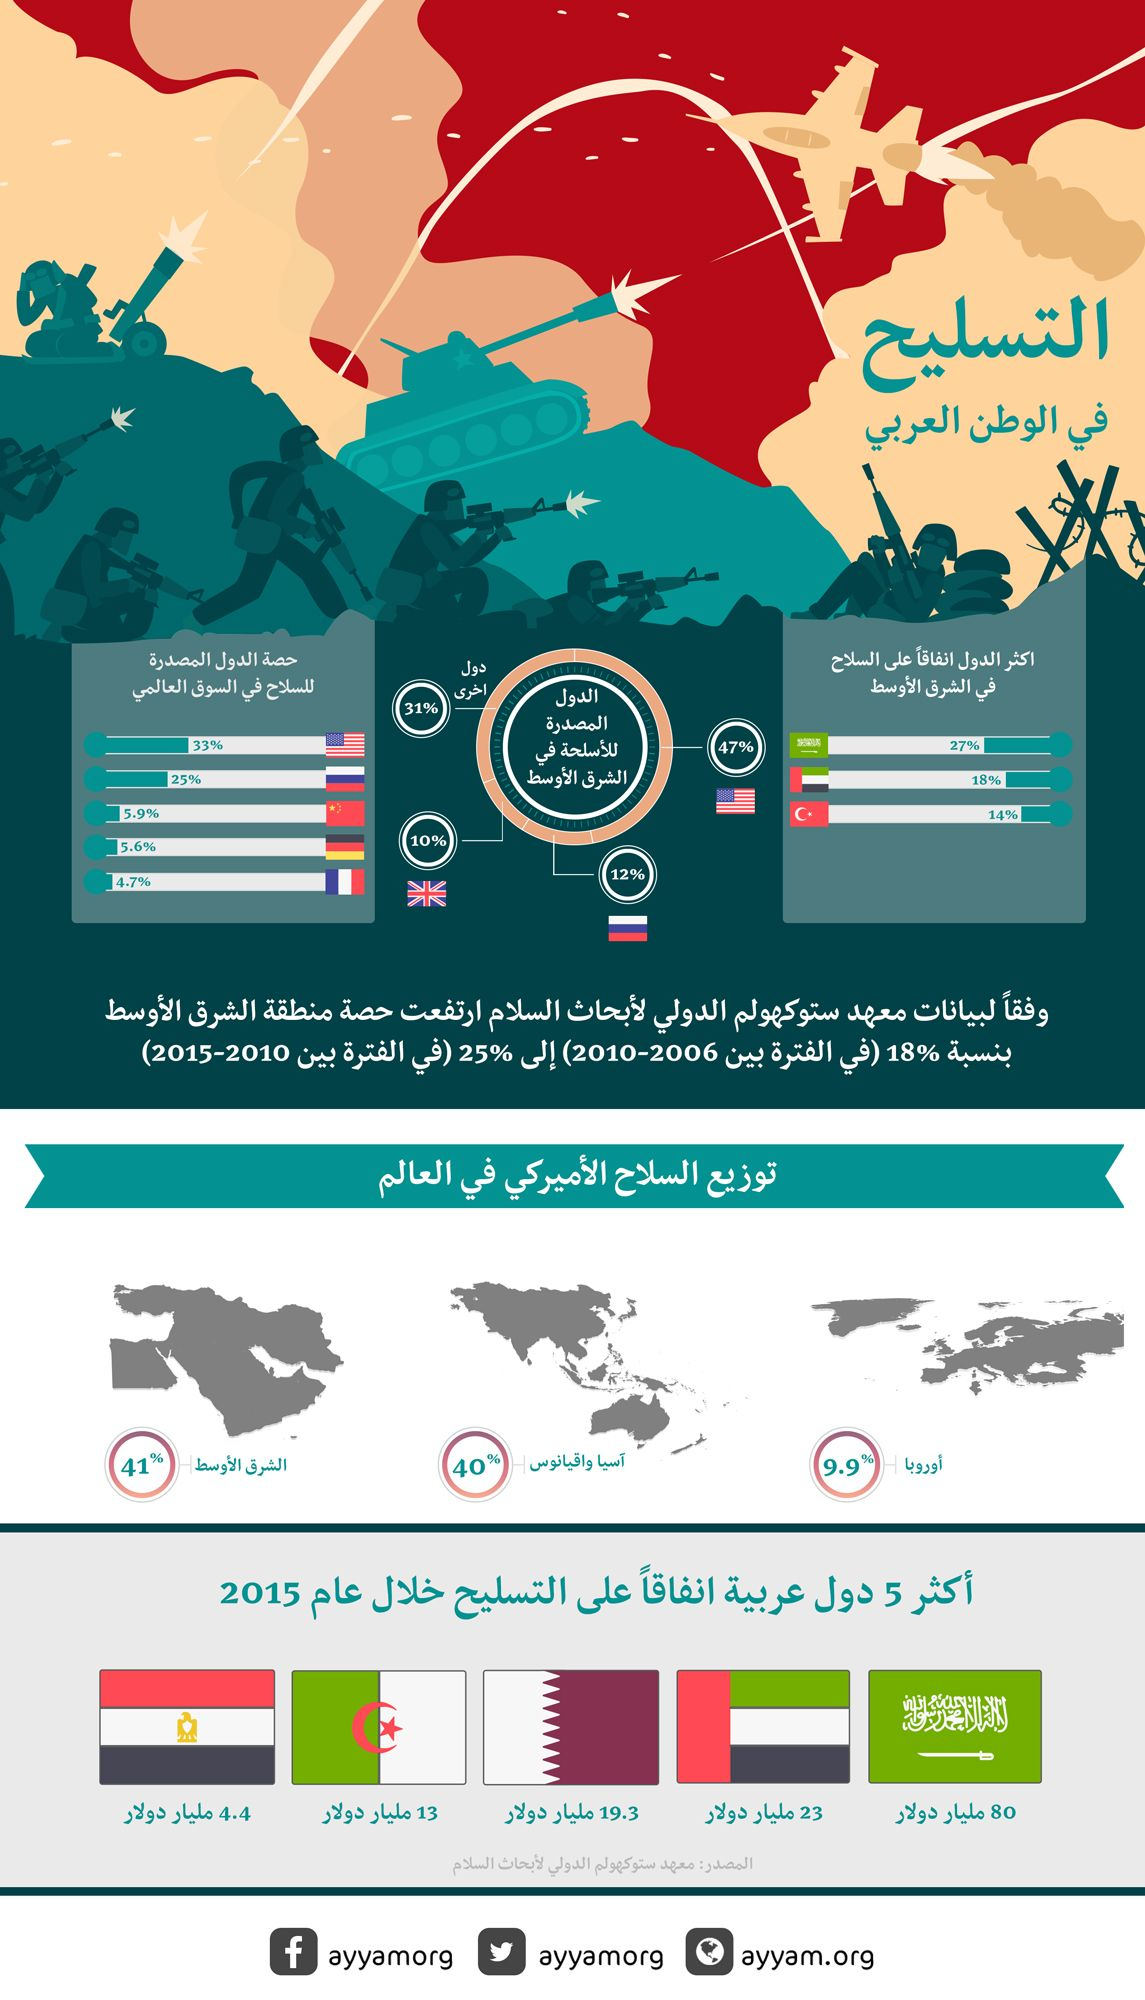 التسلح في الوطن العربي تعرف على أكثر دول الشرق الأوسط إنفاقا على الأسلحة وعلى حصص الدول المصدرة للسلاح Syria Middleeast Weapon Guns